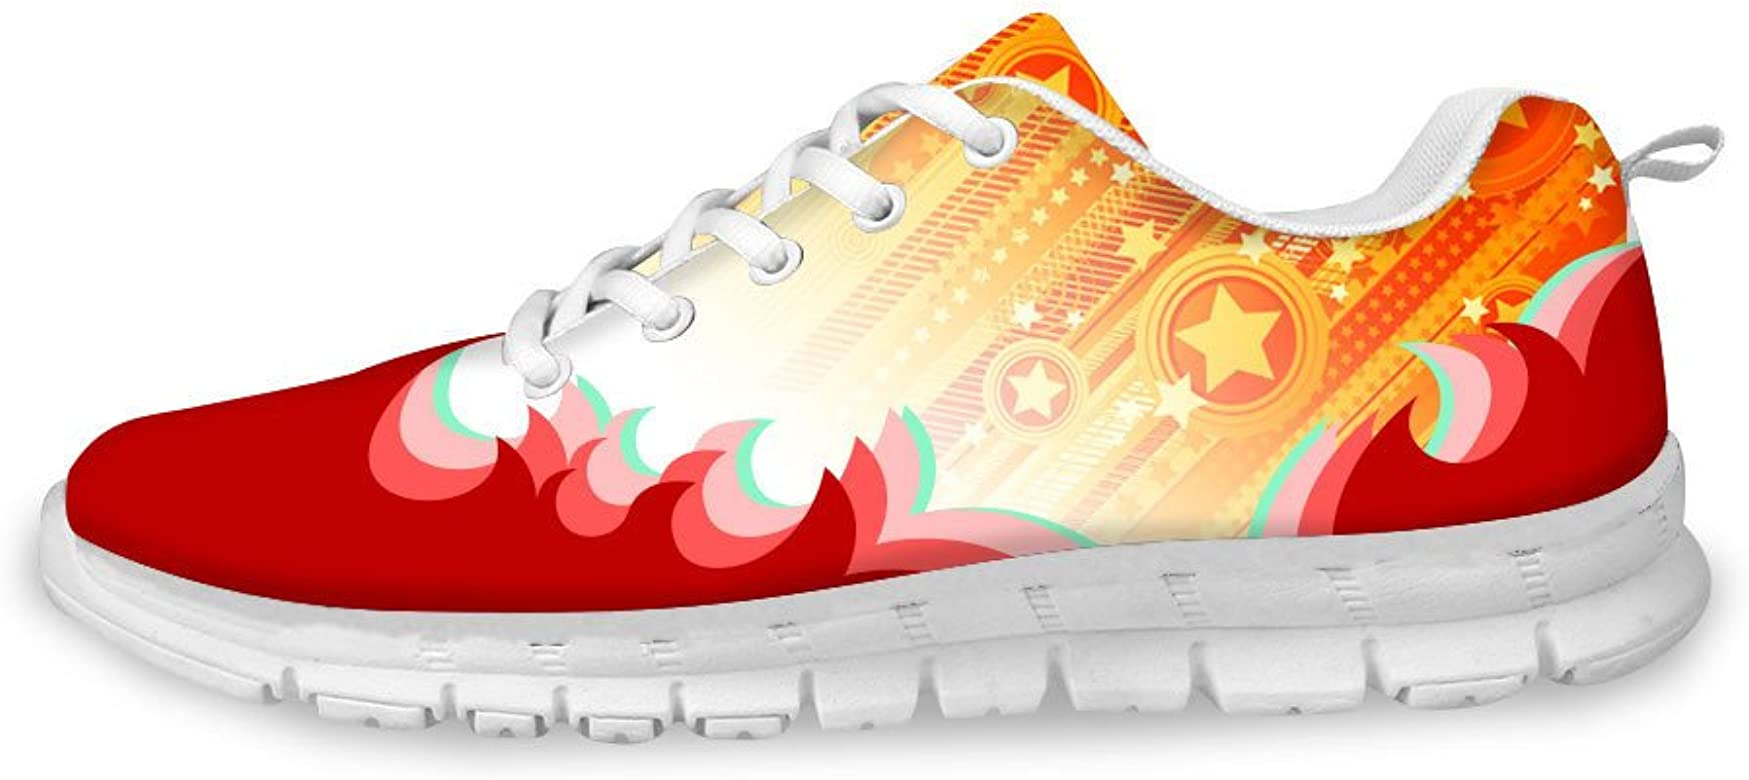 AXGM - Zapatillas de Correr para Hombre, diseño de Estrellas Rojas y Llamas, Transpirables, Color, Talla 39 EU: Amazon.es: Zapatos y complementos